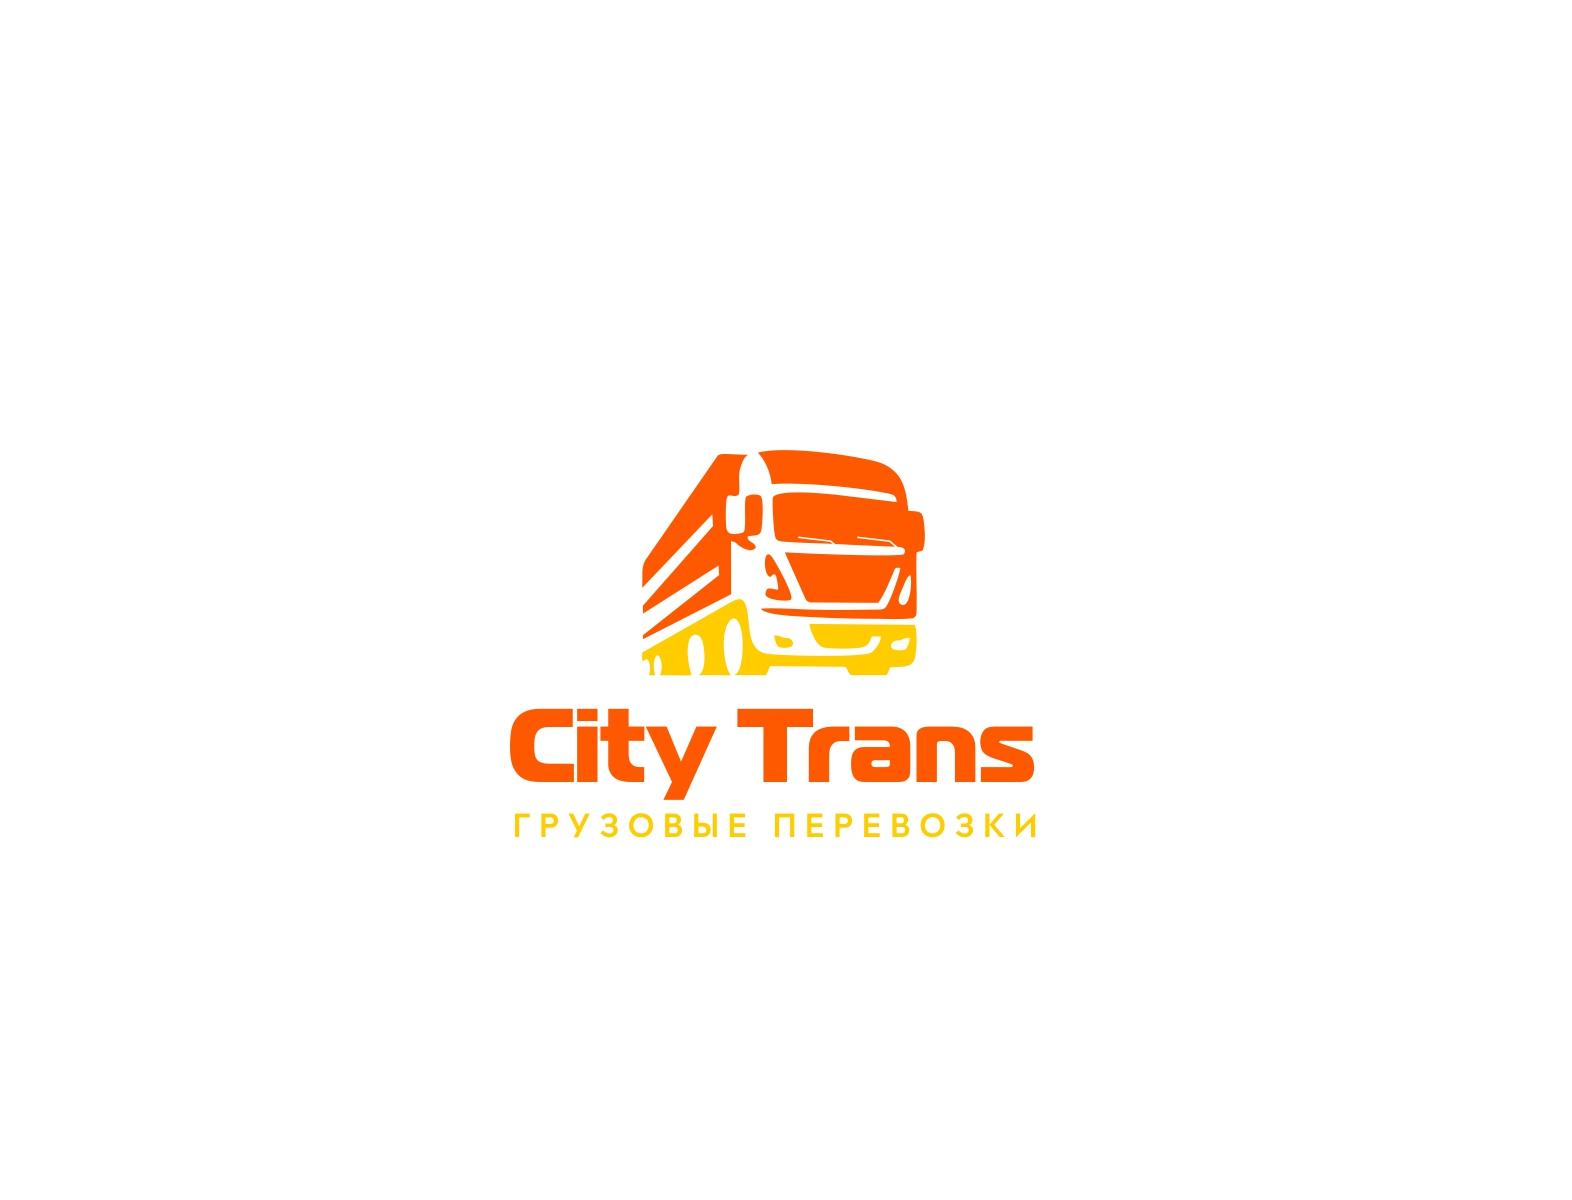 Разработка Логотипа транспортной компании фото f_1605e6f8bb0afa0f.jpg